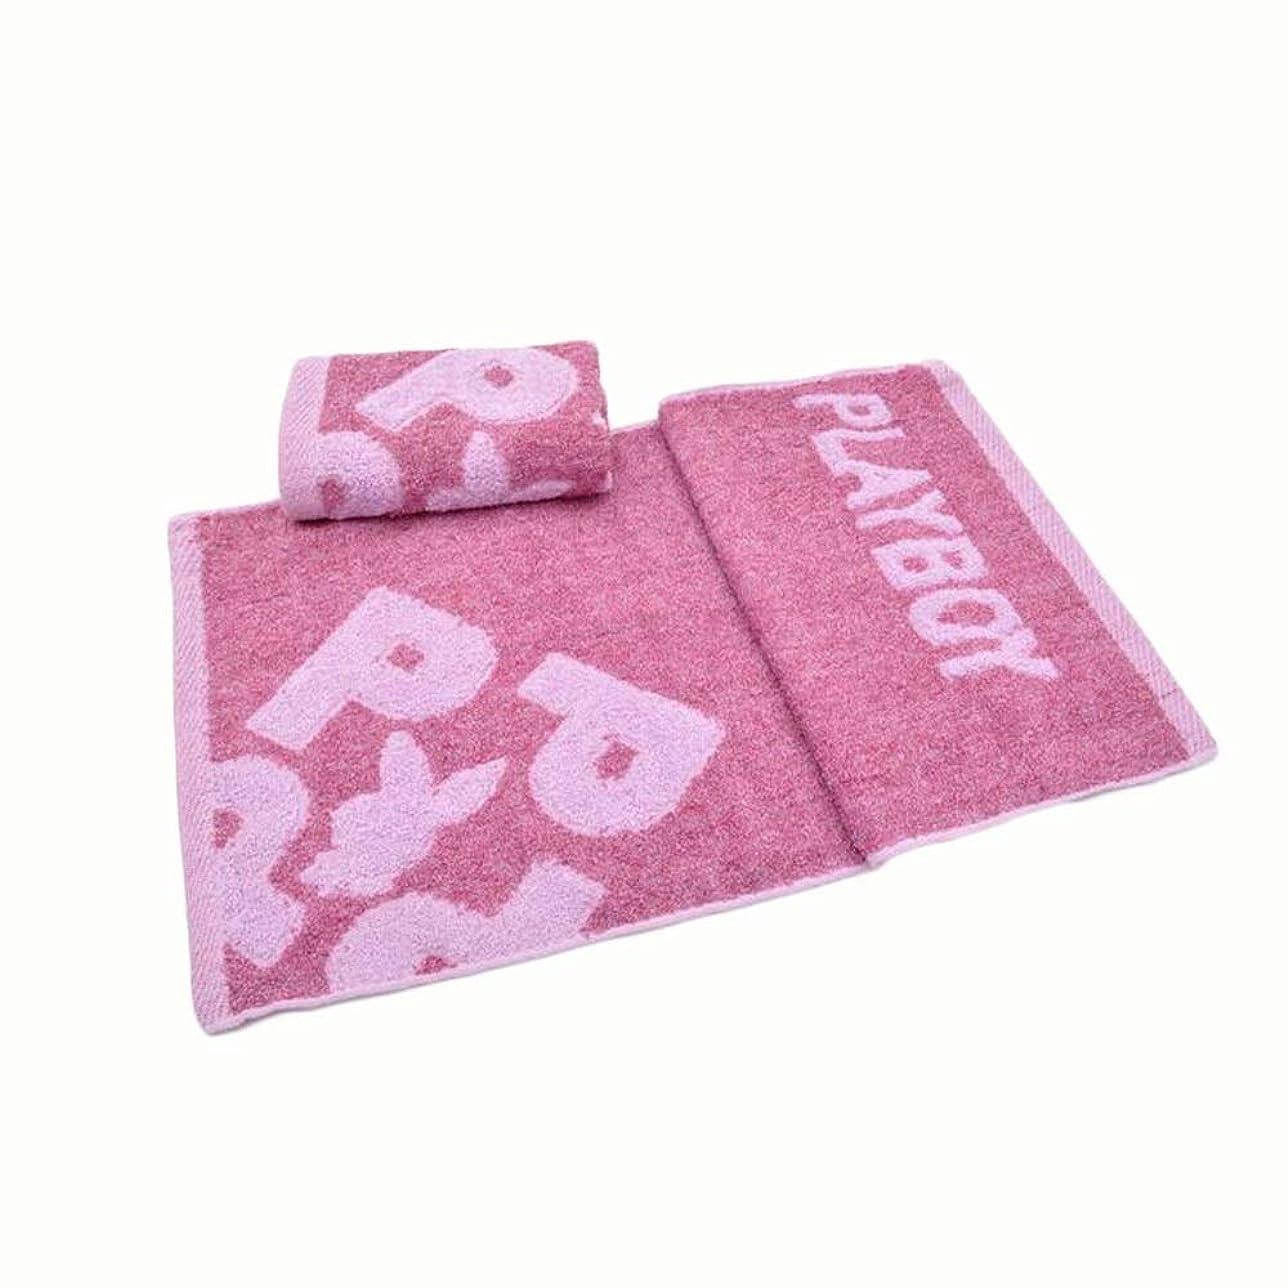 リーダーシップ求人船上CXUNKK 2PCS / LOT家庭用綿ジャガード吸収性ソフトフェイスタオルウォッシュタオル (Color : Pink)